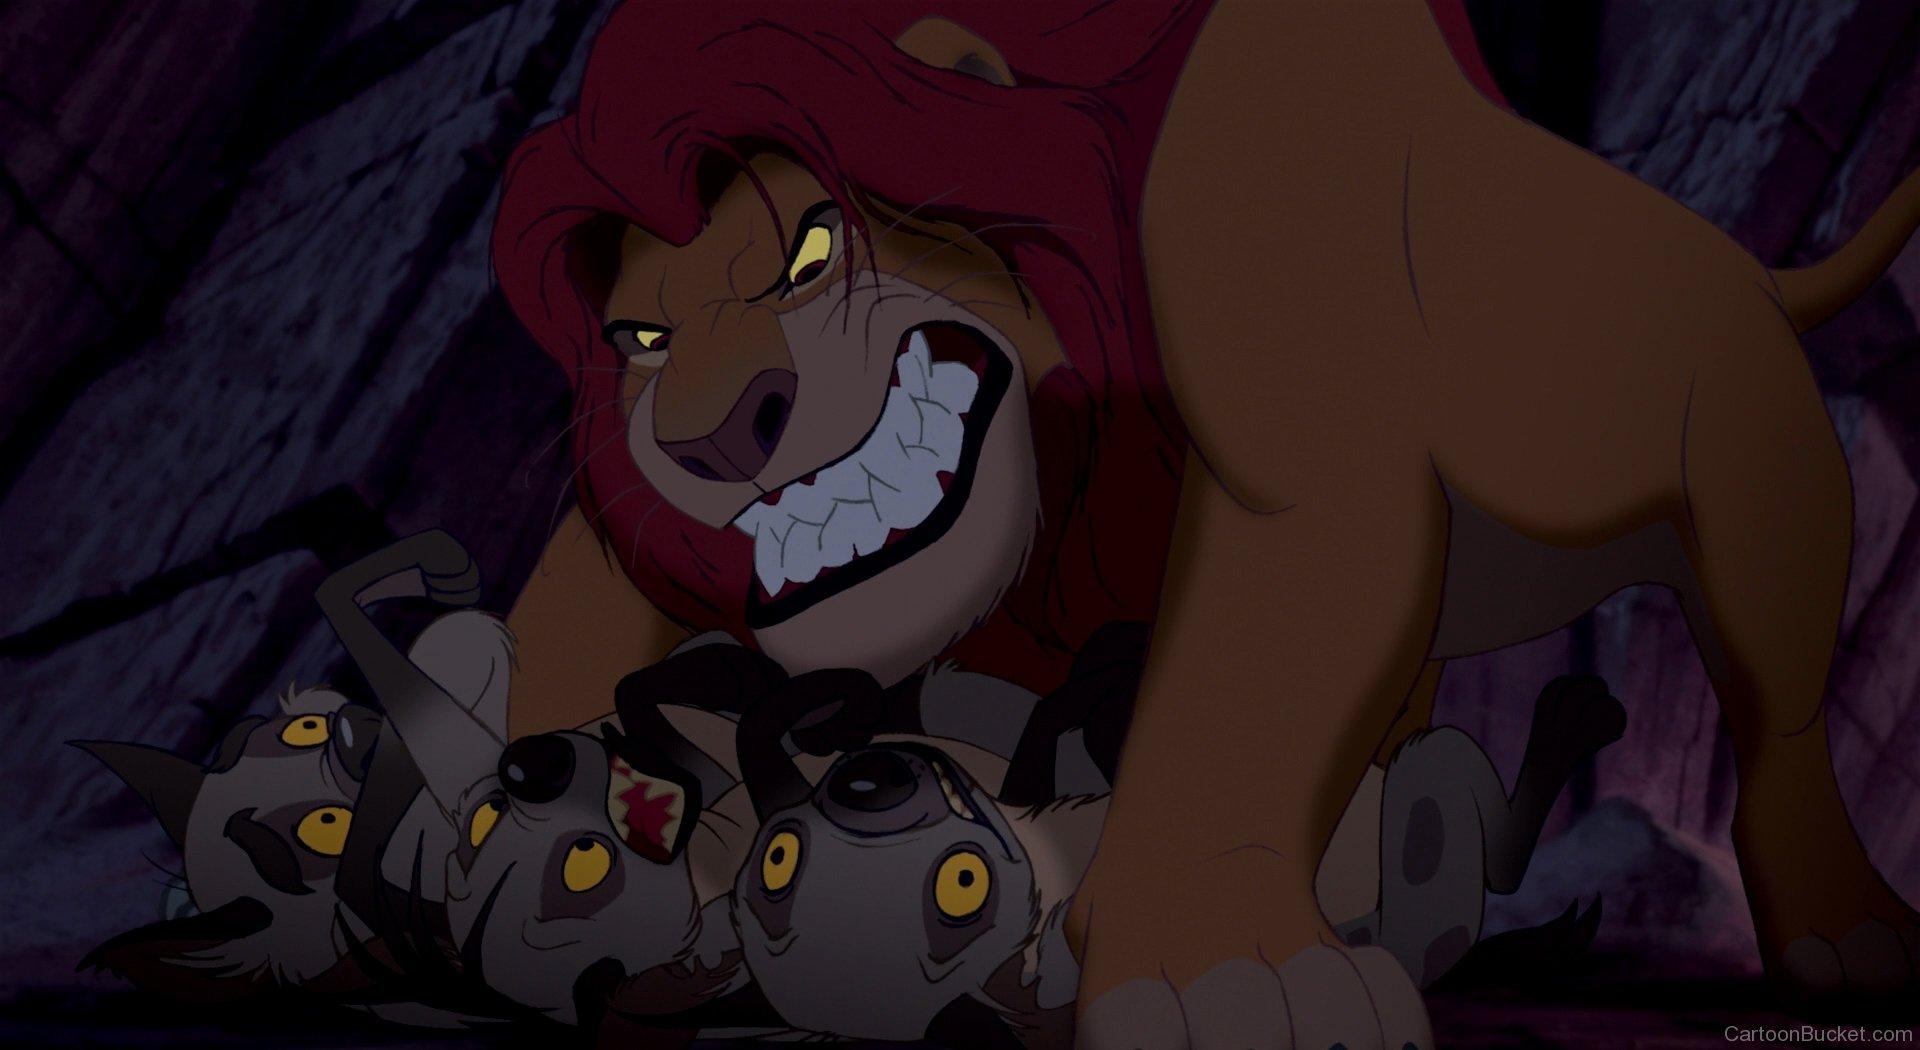 Mufasa Hitting Shenzi,scar And Ed - Lion King Mufasa And Hyenas , HD Wallpaper & Backgrounds